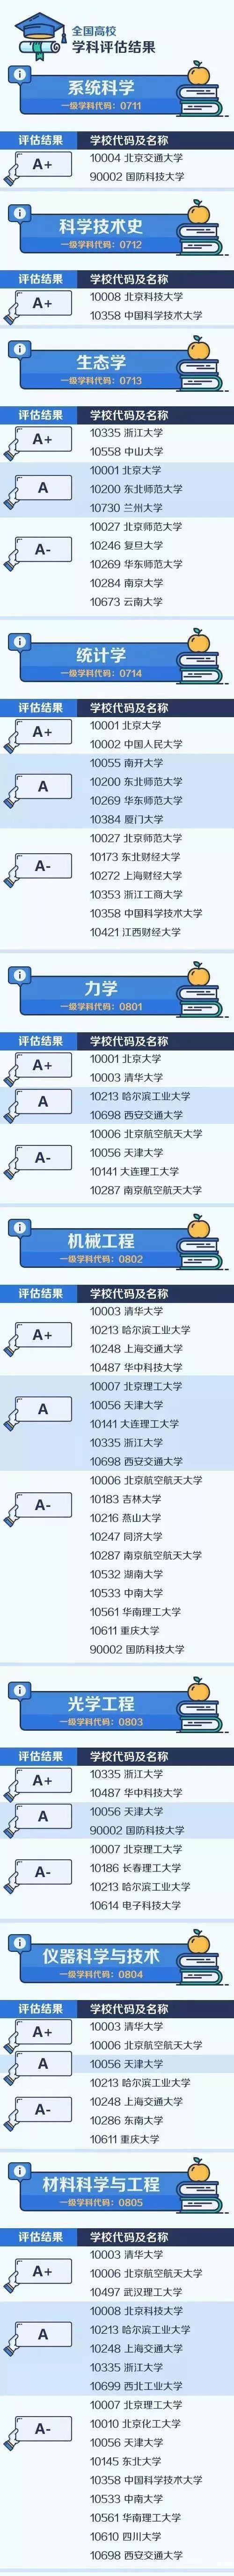 中国教育部高校学科评估结果:《中国大学最顶尖的学科名单》